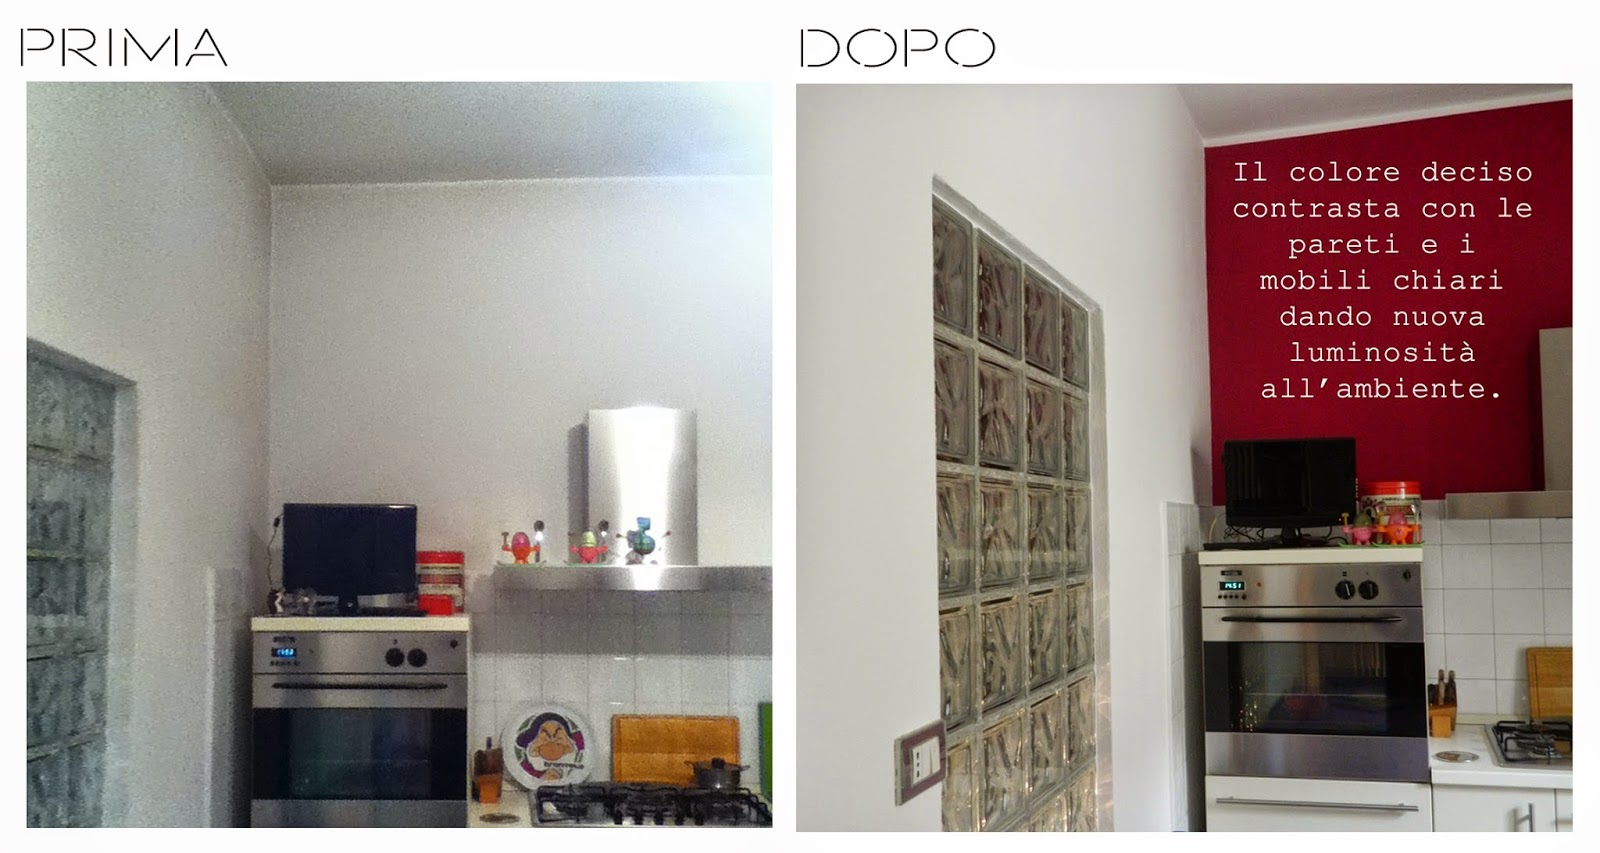 Come verniciare la cucina verniciare ante cucina laminato idee per la casa with come verniciare - Verniciare mobili cucina ...